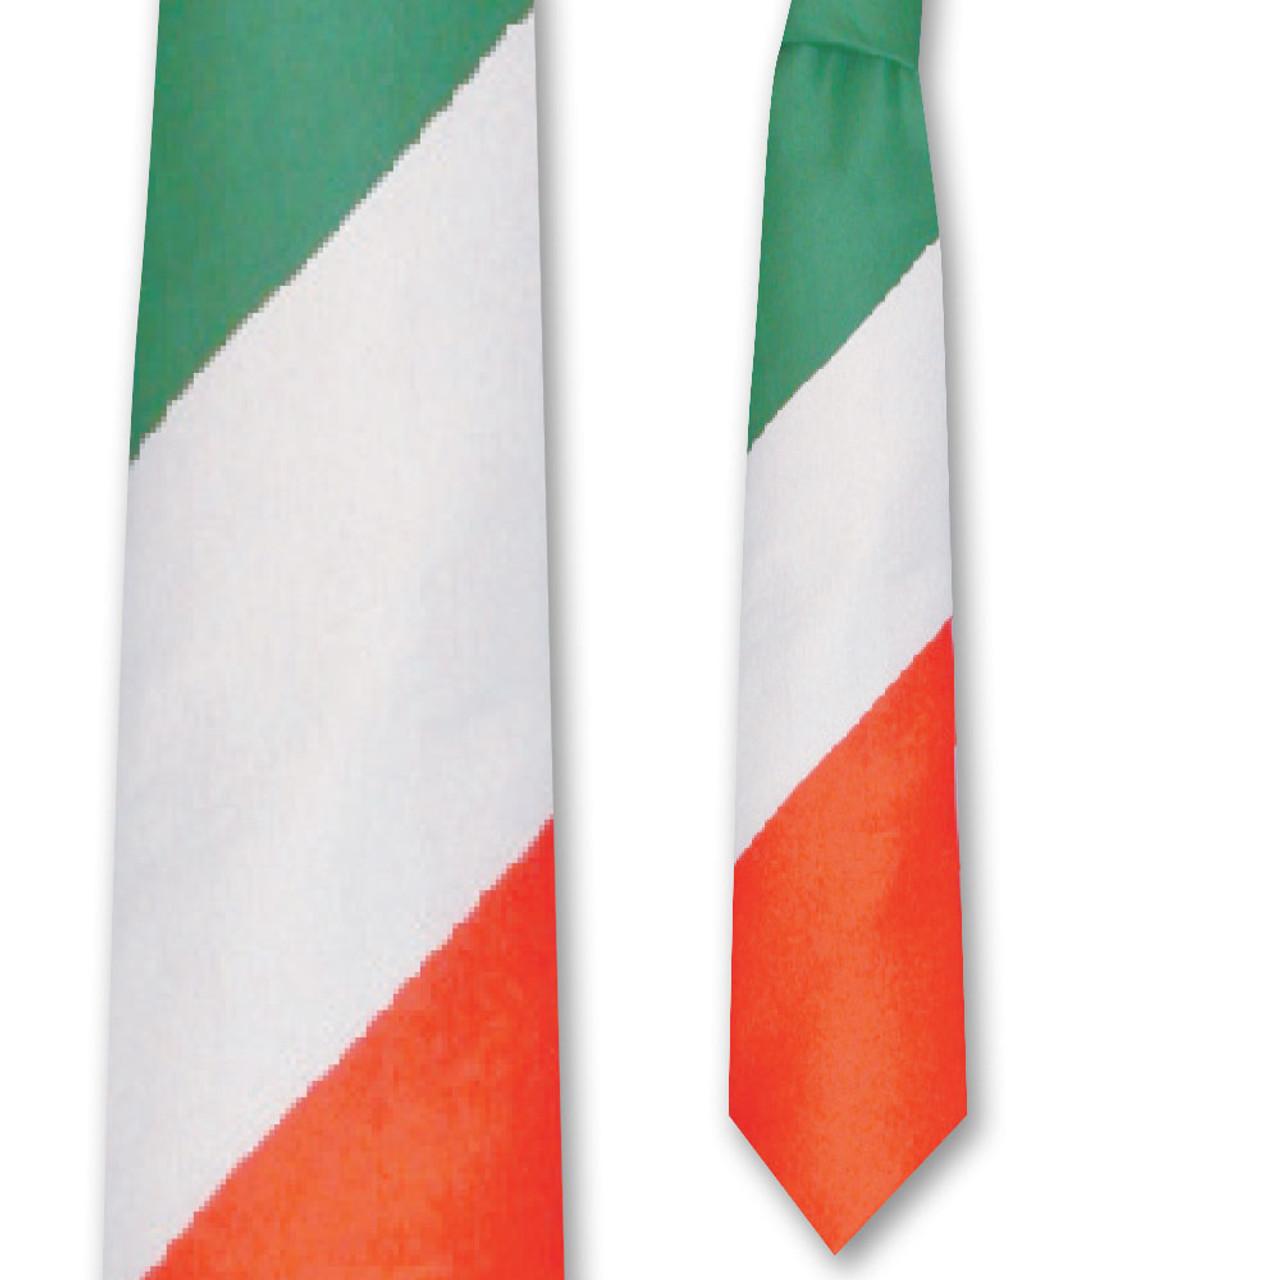 Tri-Color Irish Tie